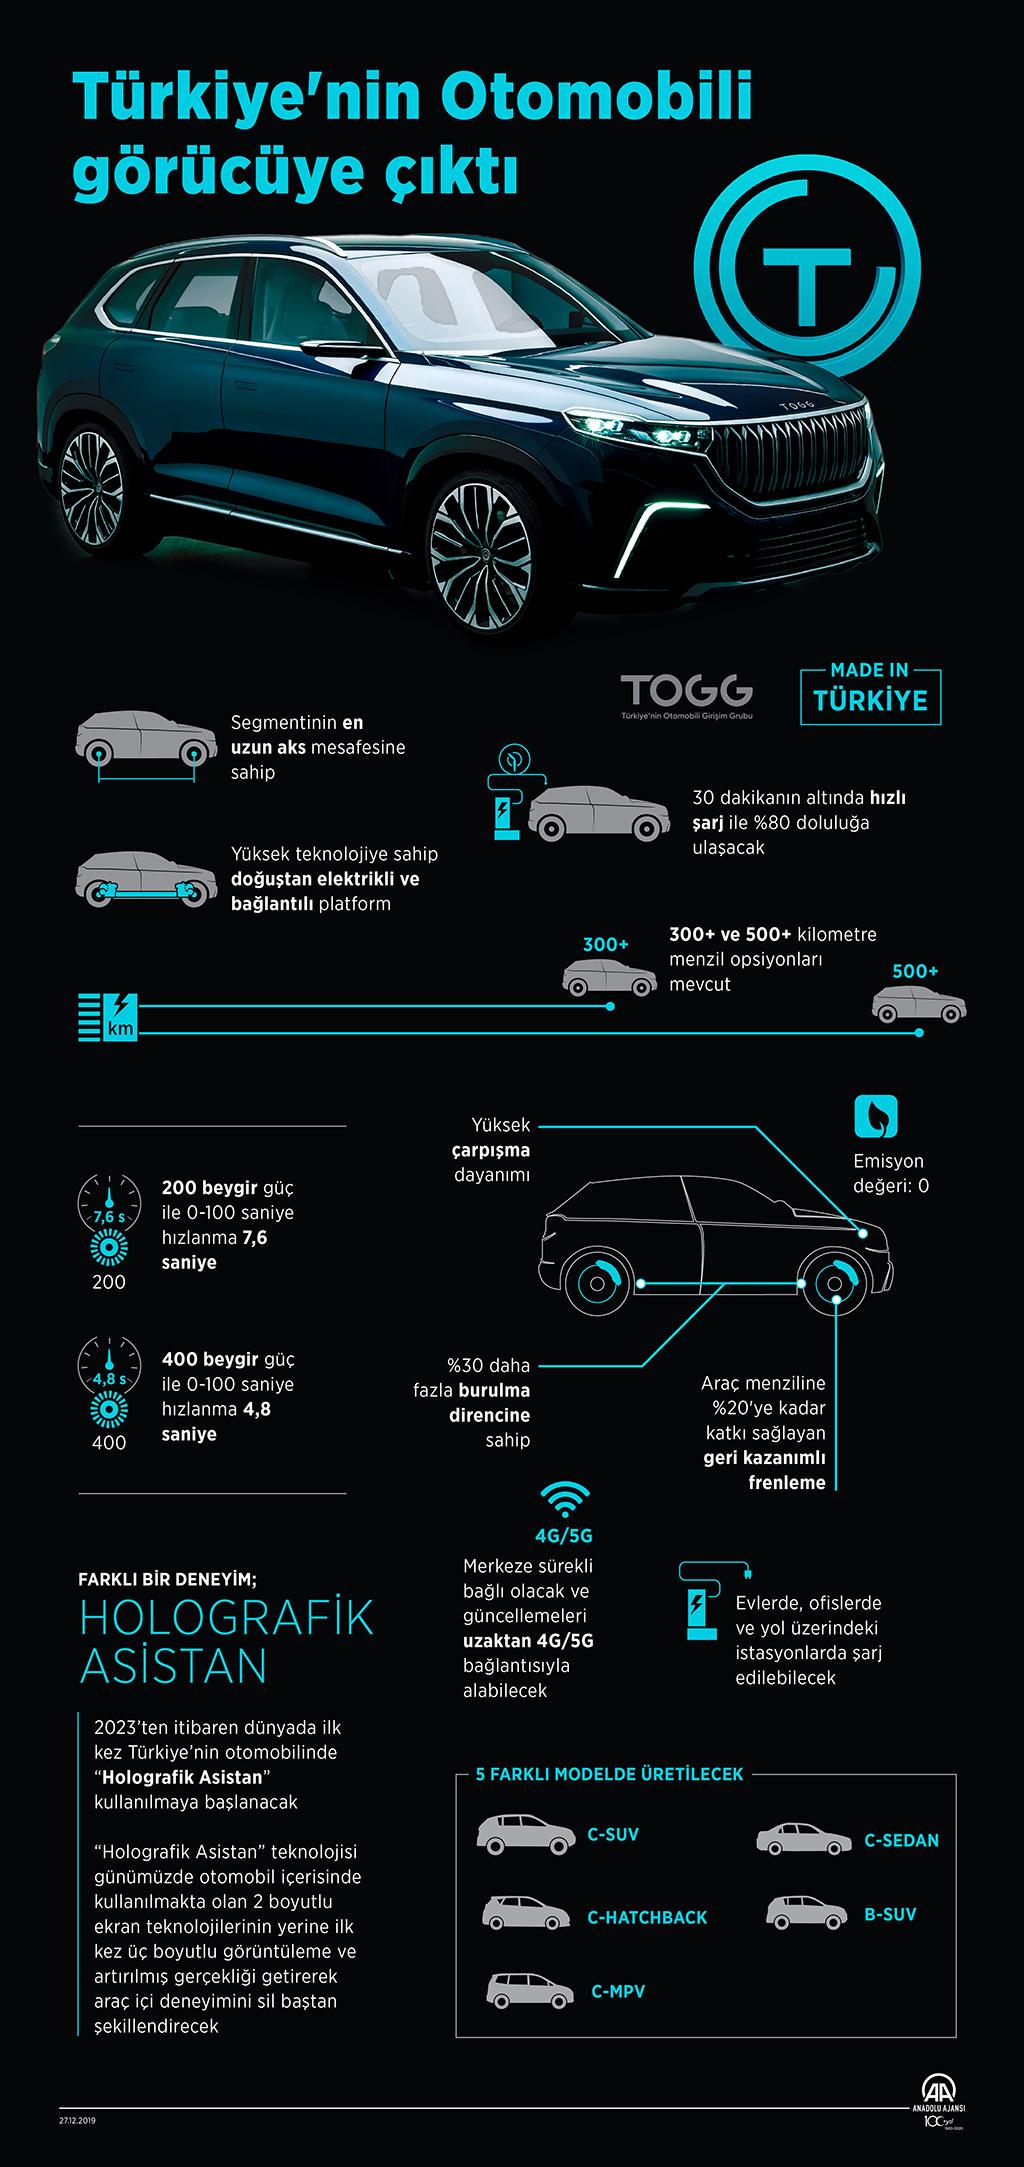 Türkiye'nin Otomobili Girişim Grubu'nun (TOGG), 2022 yılında üretimine başlayacağı yerli otomobil modellerinin genel teknik özellikleri.